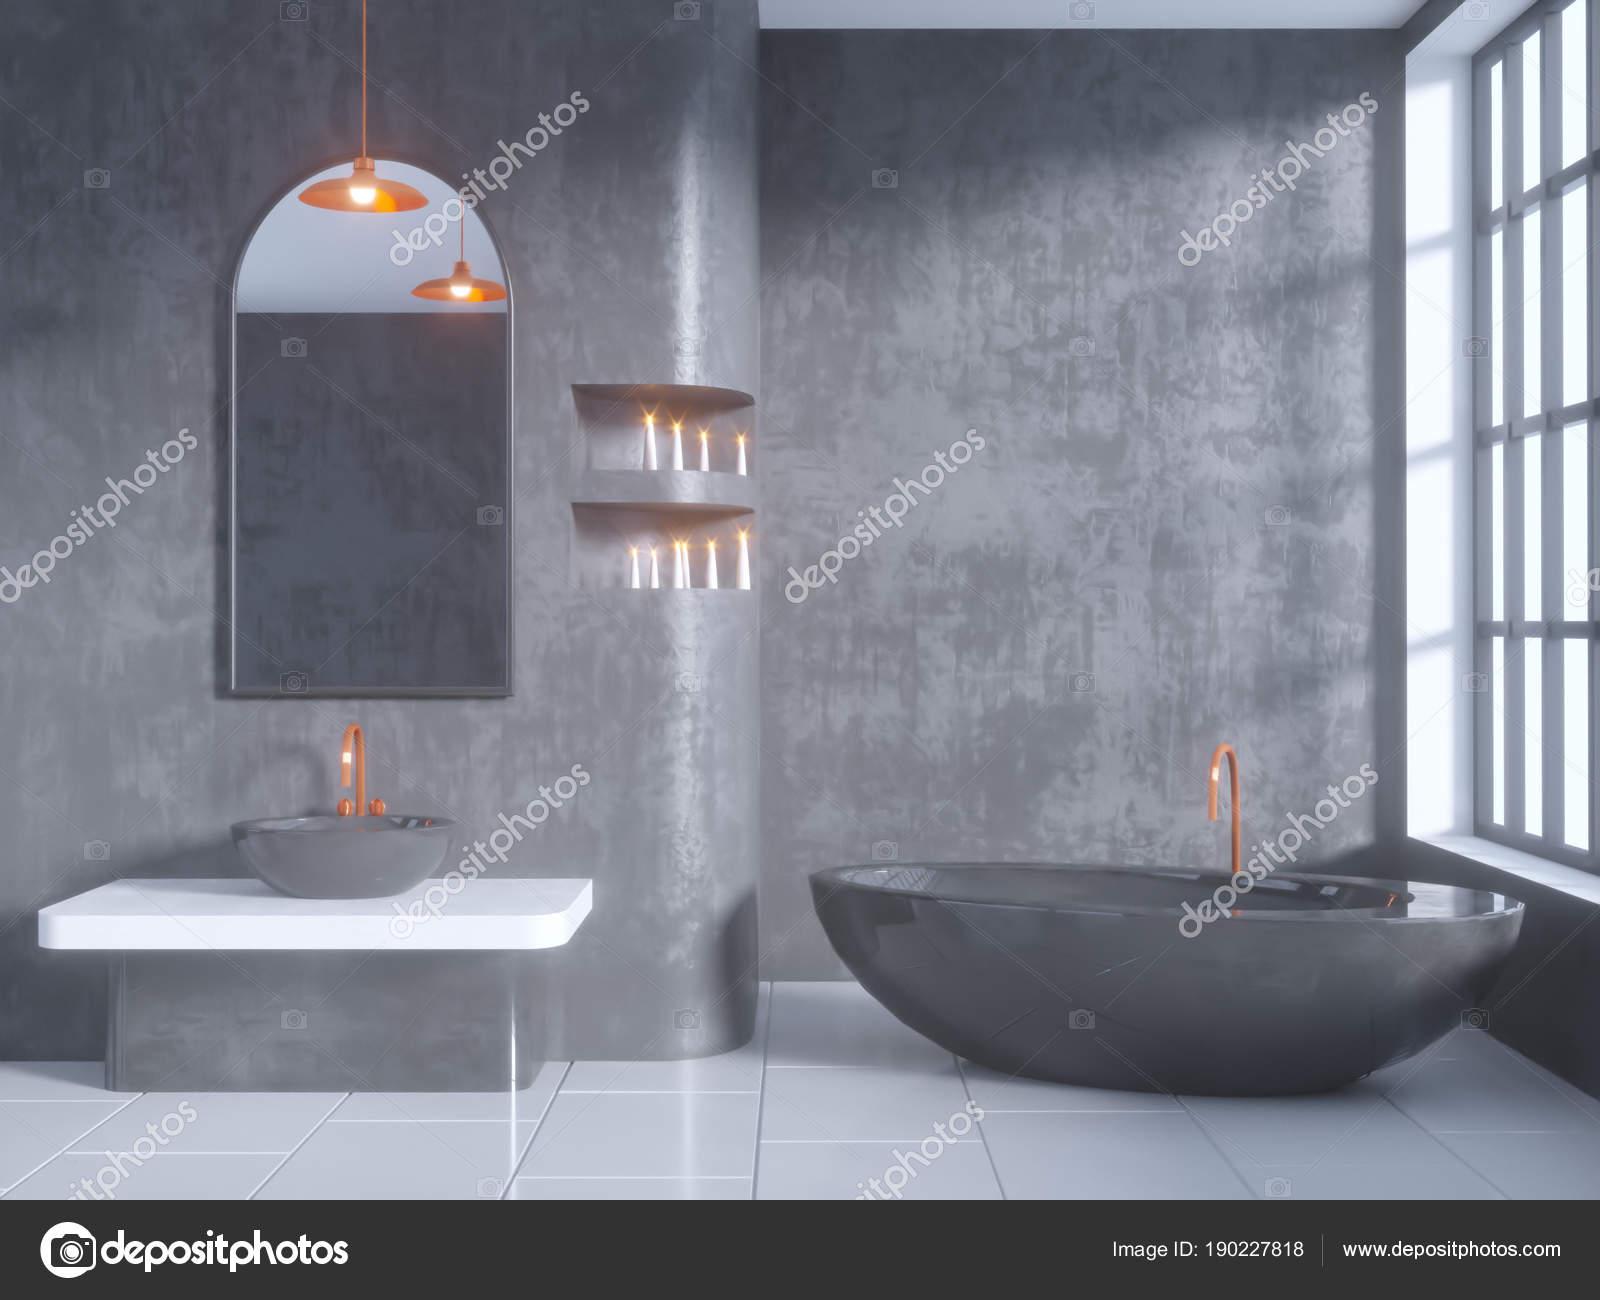 Vasca da bagno in cemento perfect il pavimento in legno nella vasca da bagno il perfetto e un - Bagno in cemento resinato ...